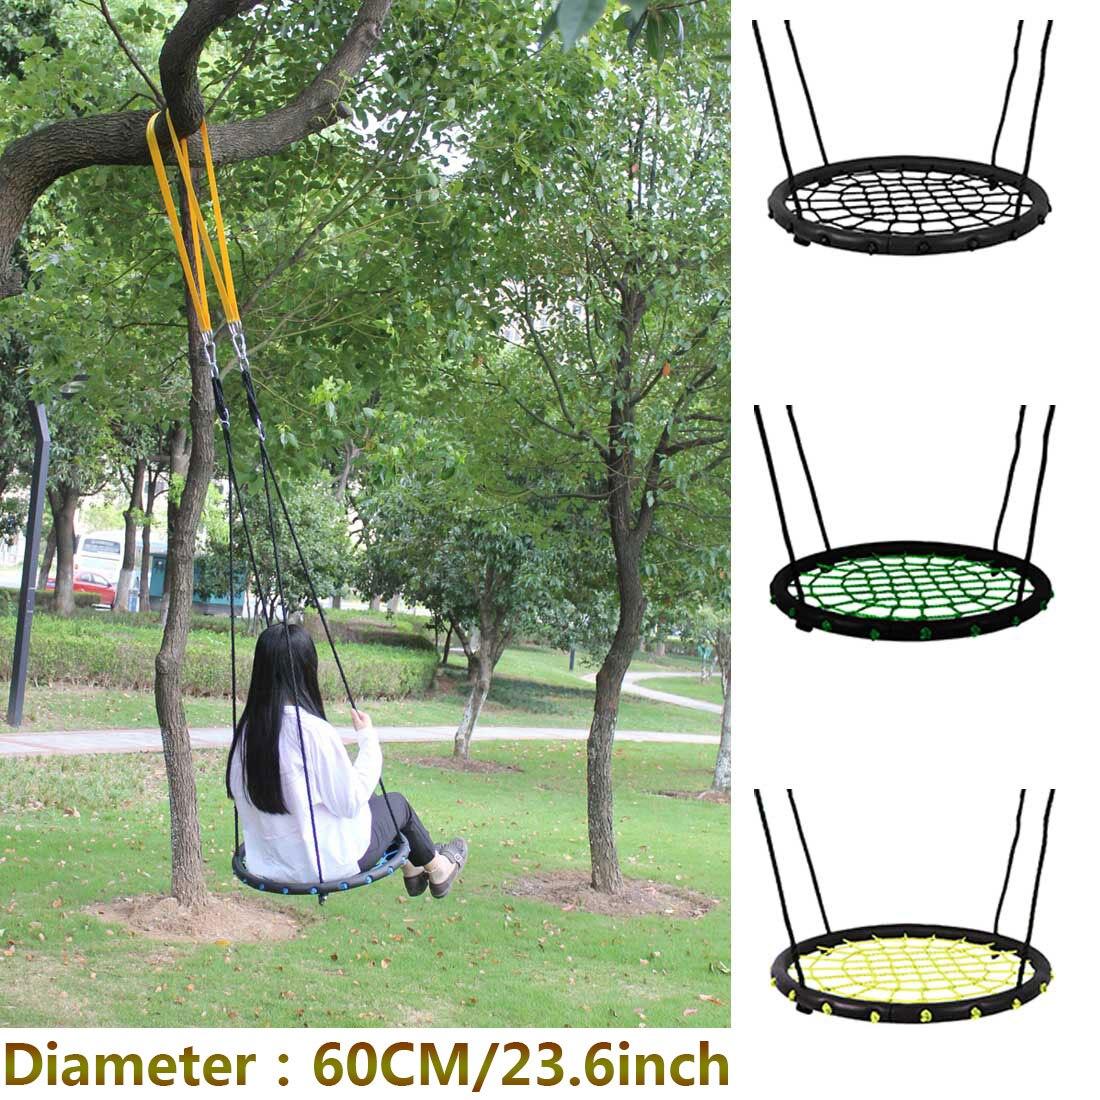 Enfants nid rond balançoire intérieur et extérieur cintre enfants Net corde Stout balançoire bébé jouets portant 200Kg diamètre 60 cm